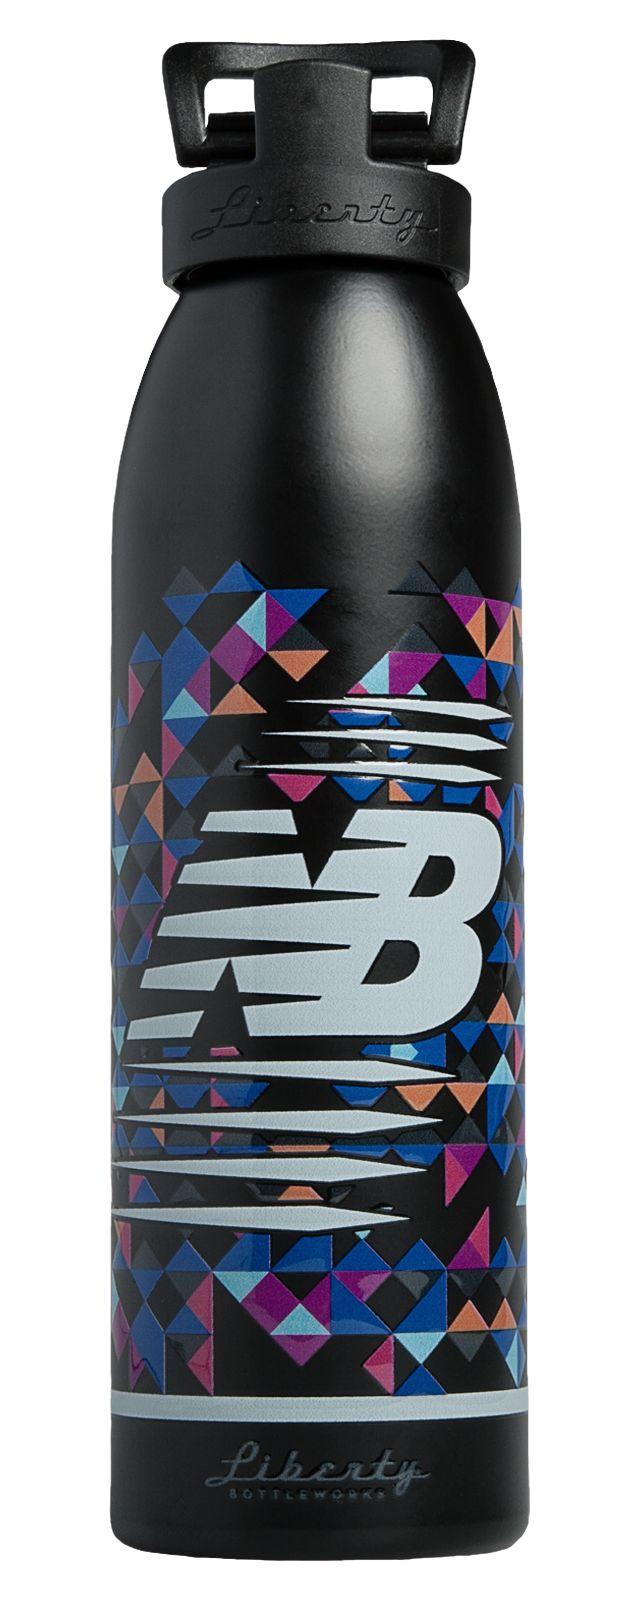 24 oz Recycled Aluminum Bottle